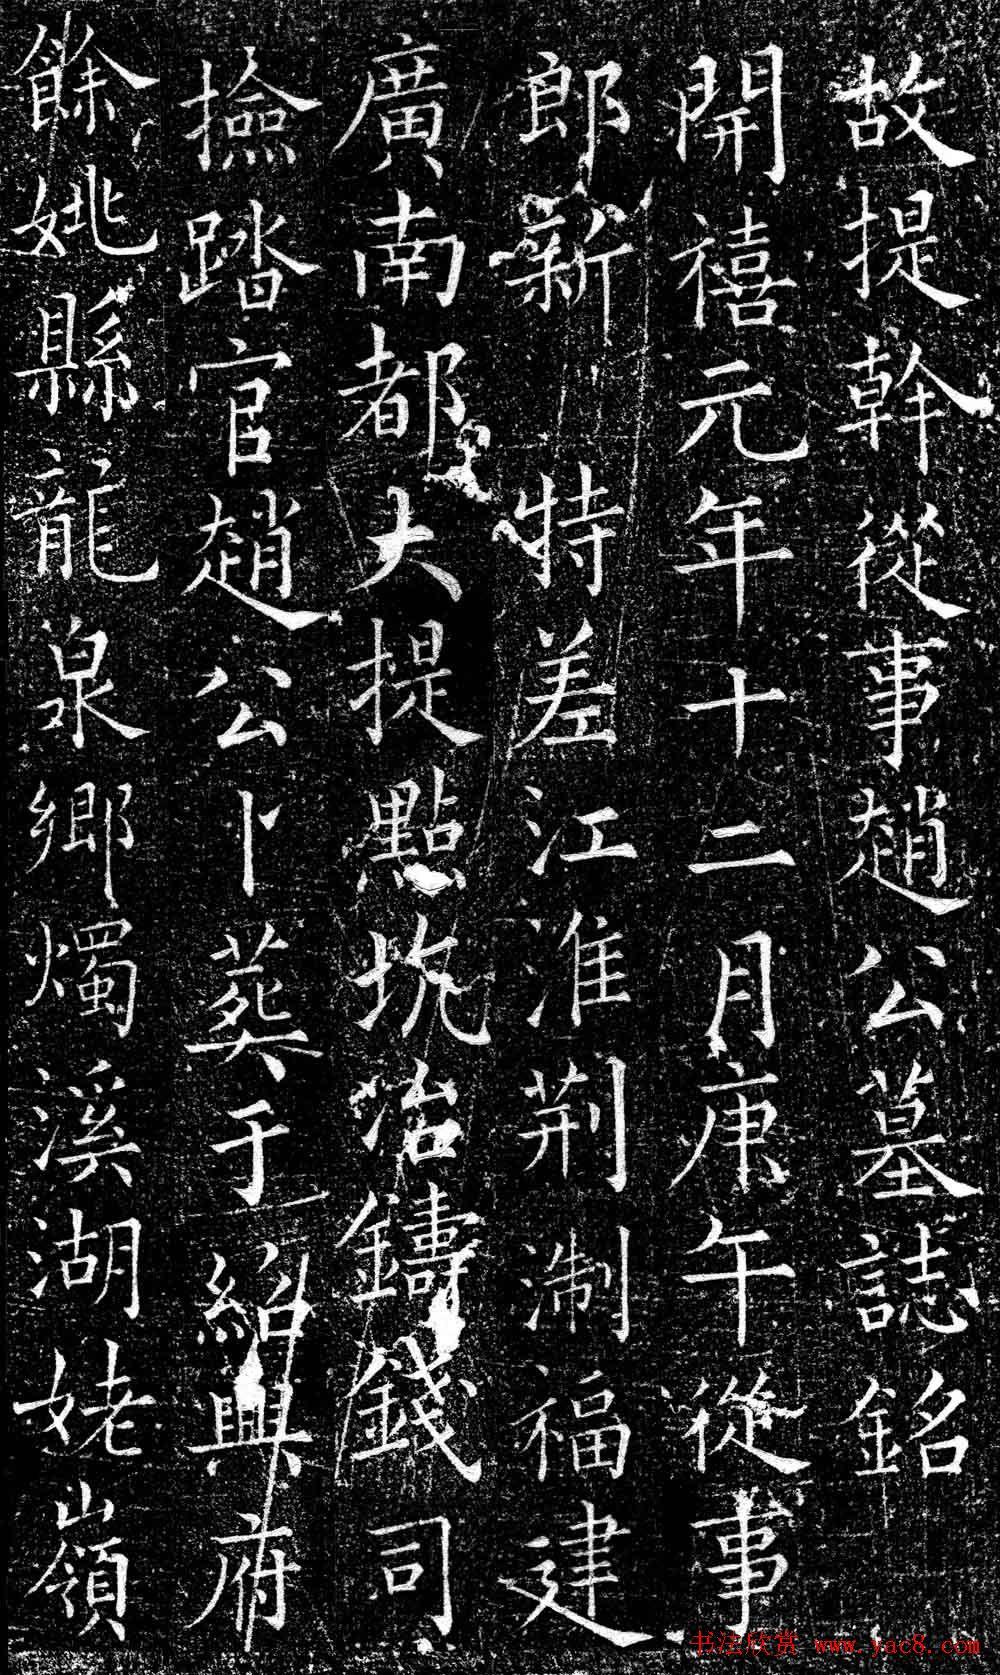 南宋赵师白楷书欣赏《赵师向墓志》